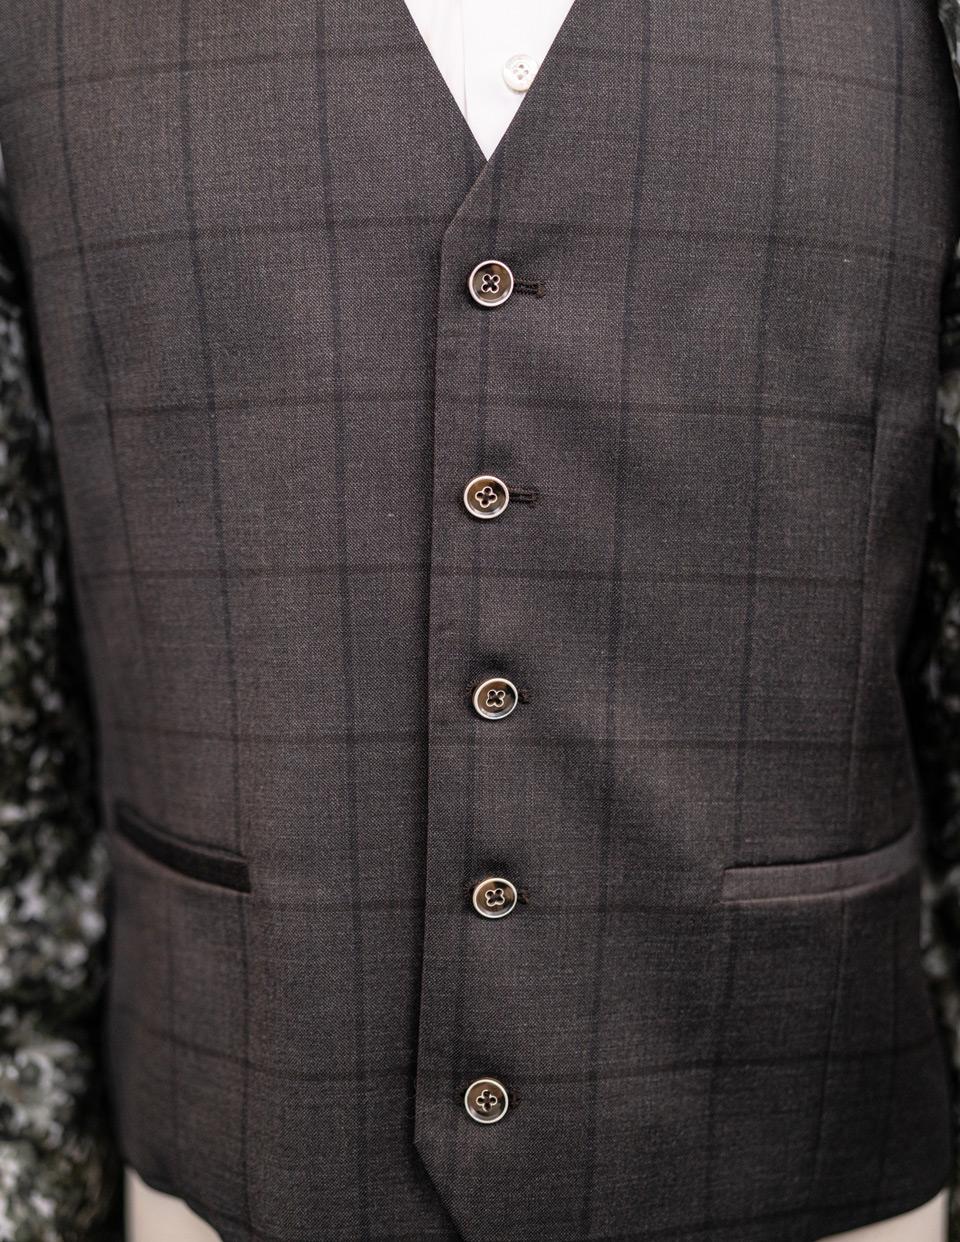 Weste passend zum Anzug